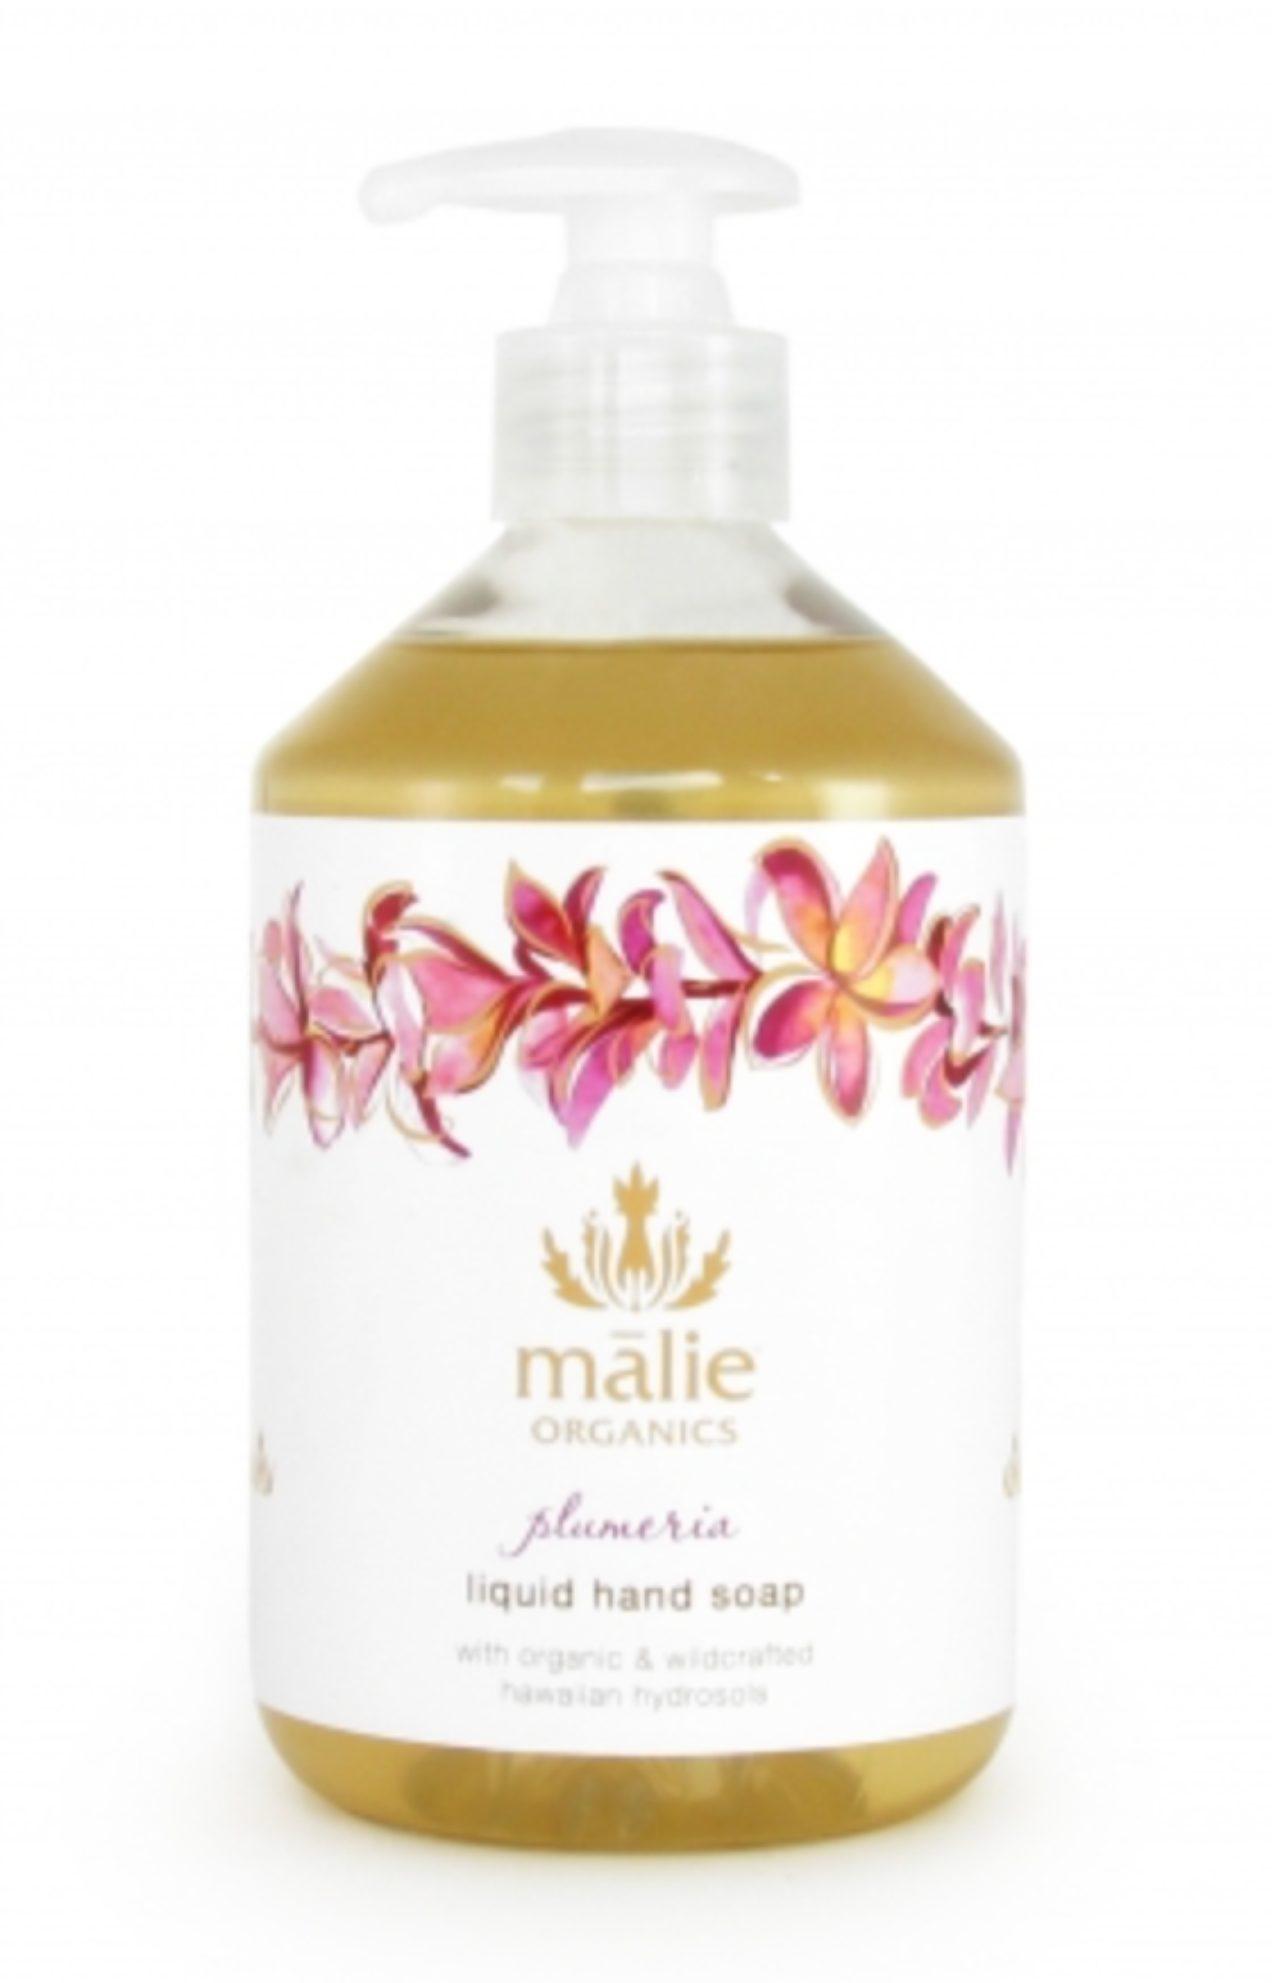 画像: ■ ハンドソープ (8月22日 発売予定) 優しく洗浄したお肌を、ショウガ根エキスがしっかりと保湿し、アロエベラエキスが乾燥したお肌に潤いを与えてくれる、洗うたびにハワイを感じさせてくれるハンドソープです。 ・ 香り: コケエ / プルメリア ・ 価格: 4,400円(税別)